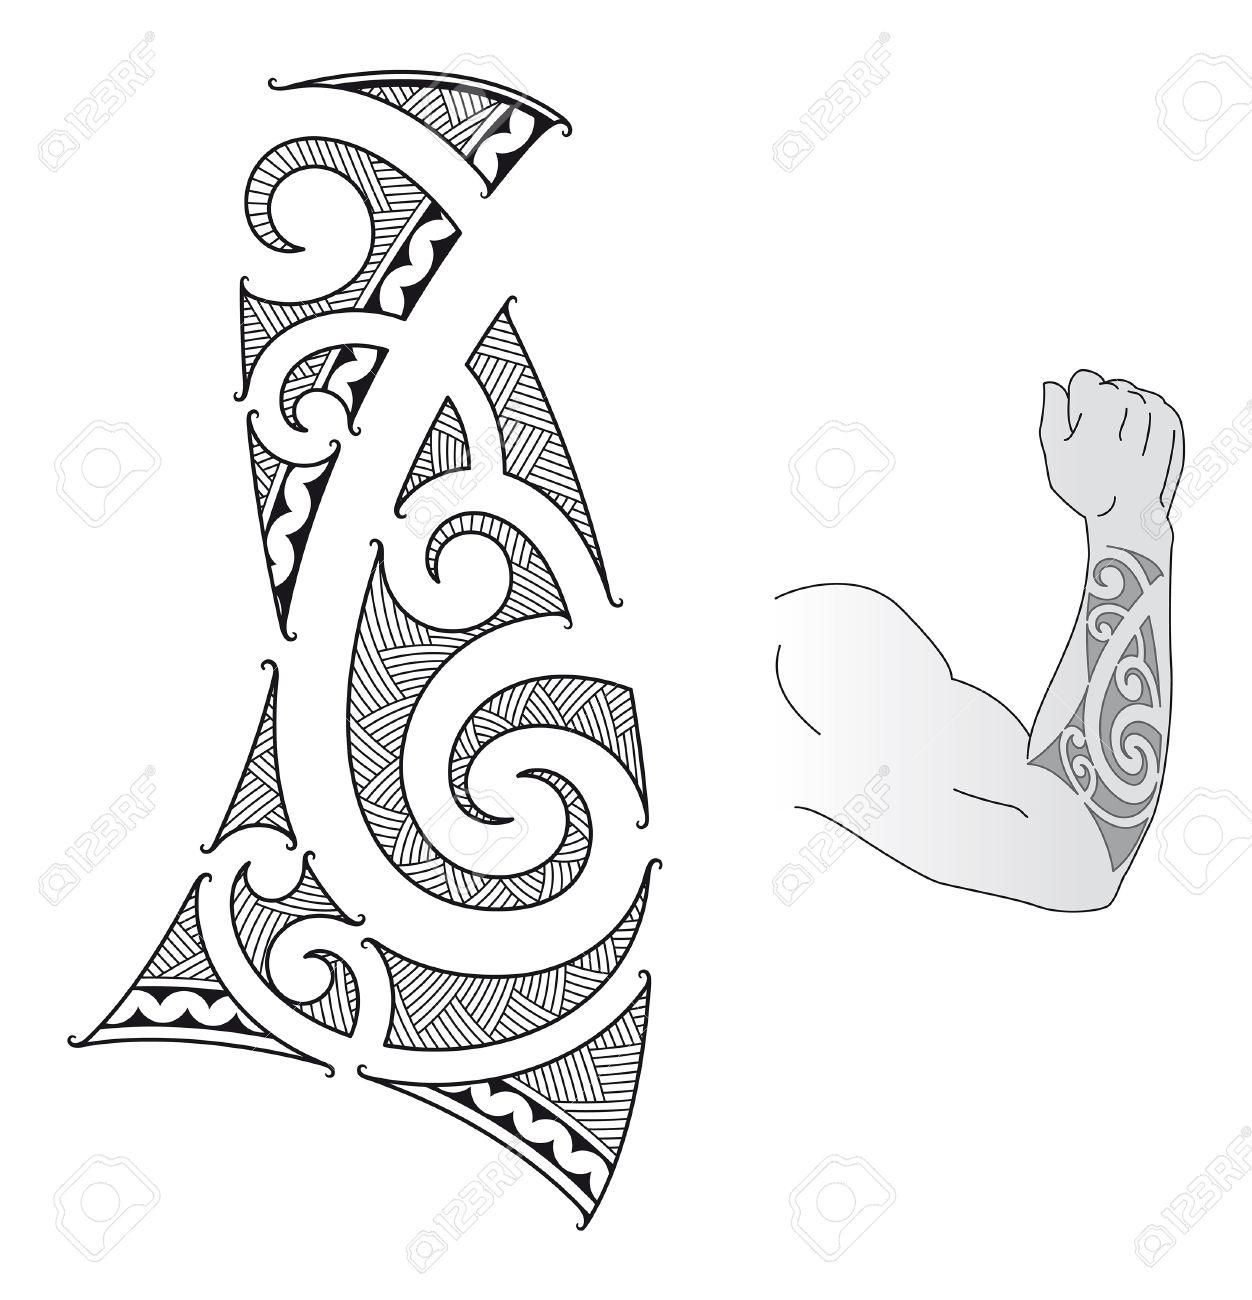 Estilo Del Tatuaje En Forma De Diseno Maori Para Un Antebrazo